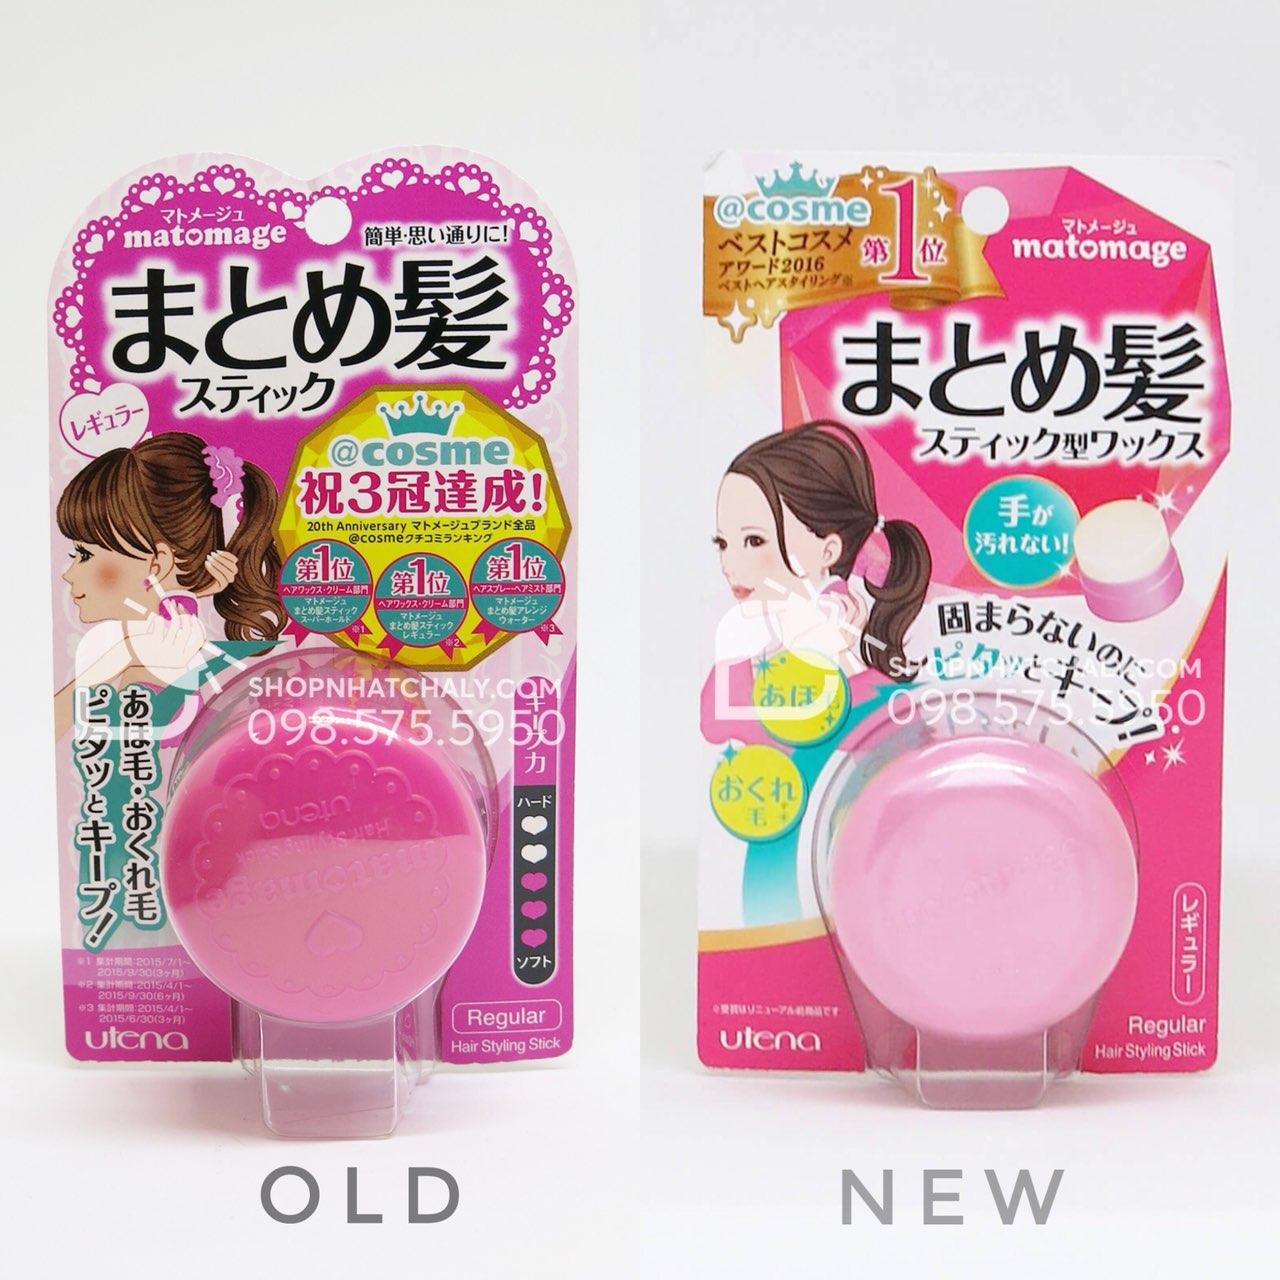 Wax vuốt tóc nữ của Nhật Matomage màu hồng mẫu mới nhất 2019 (bên phải)